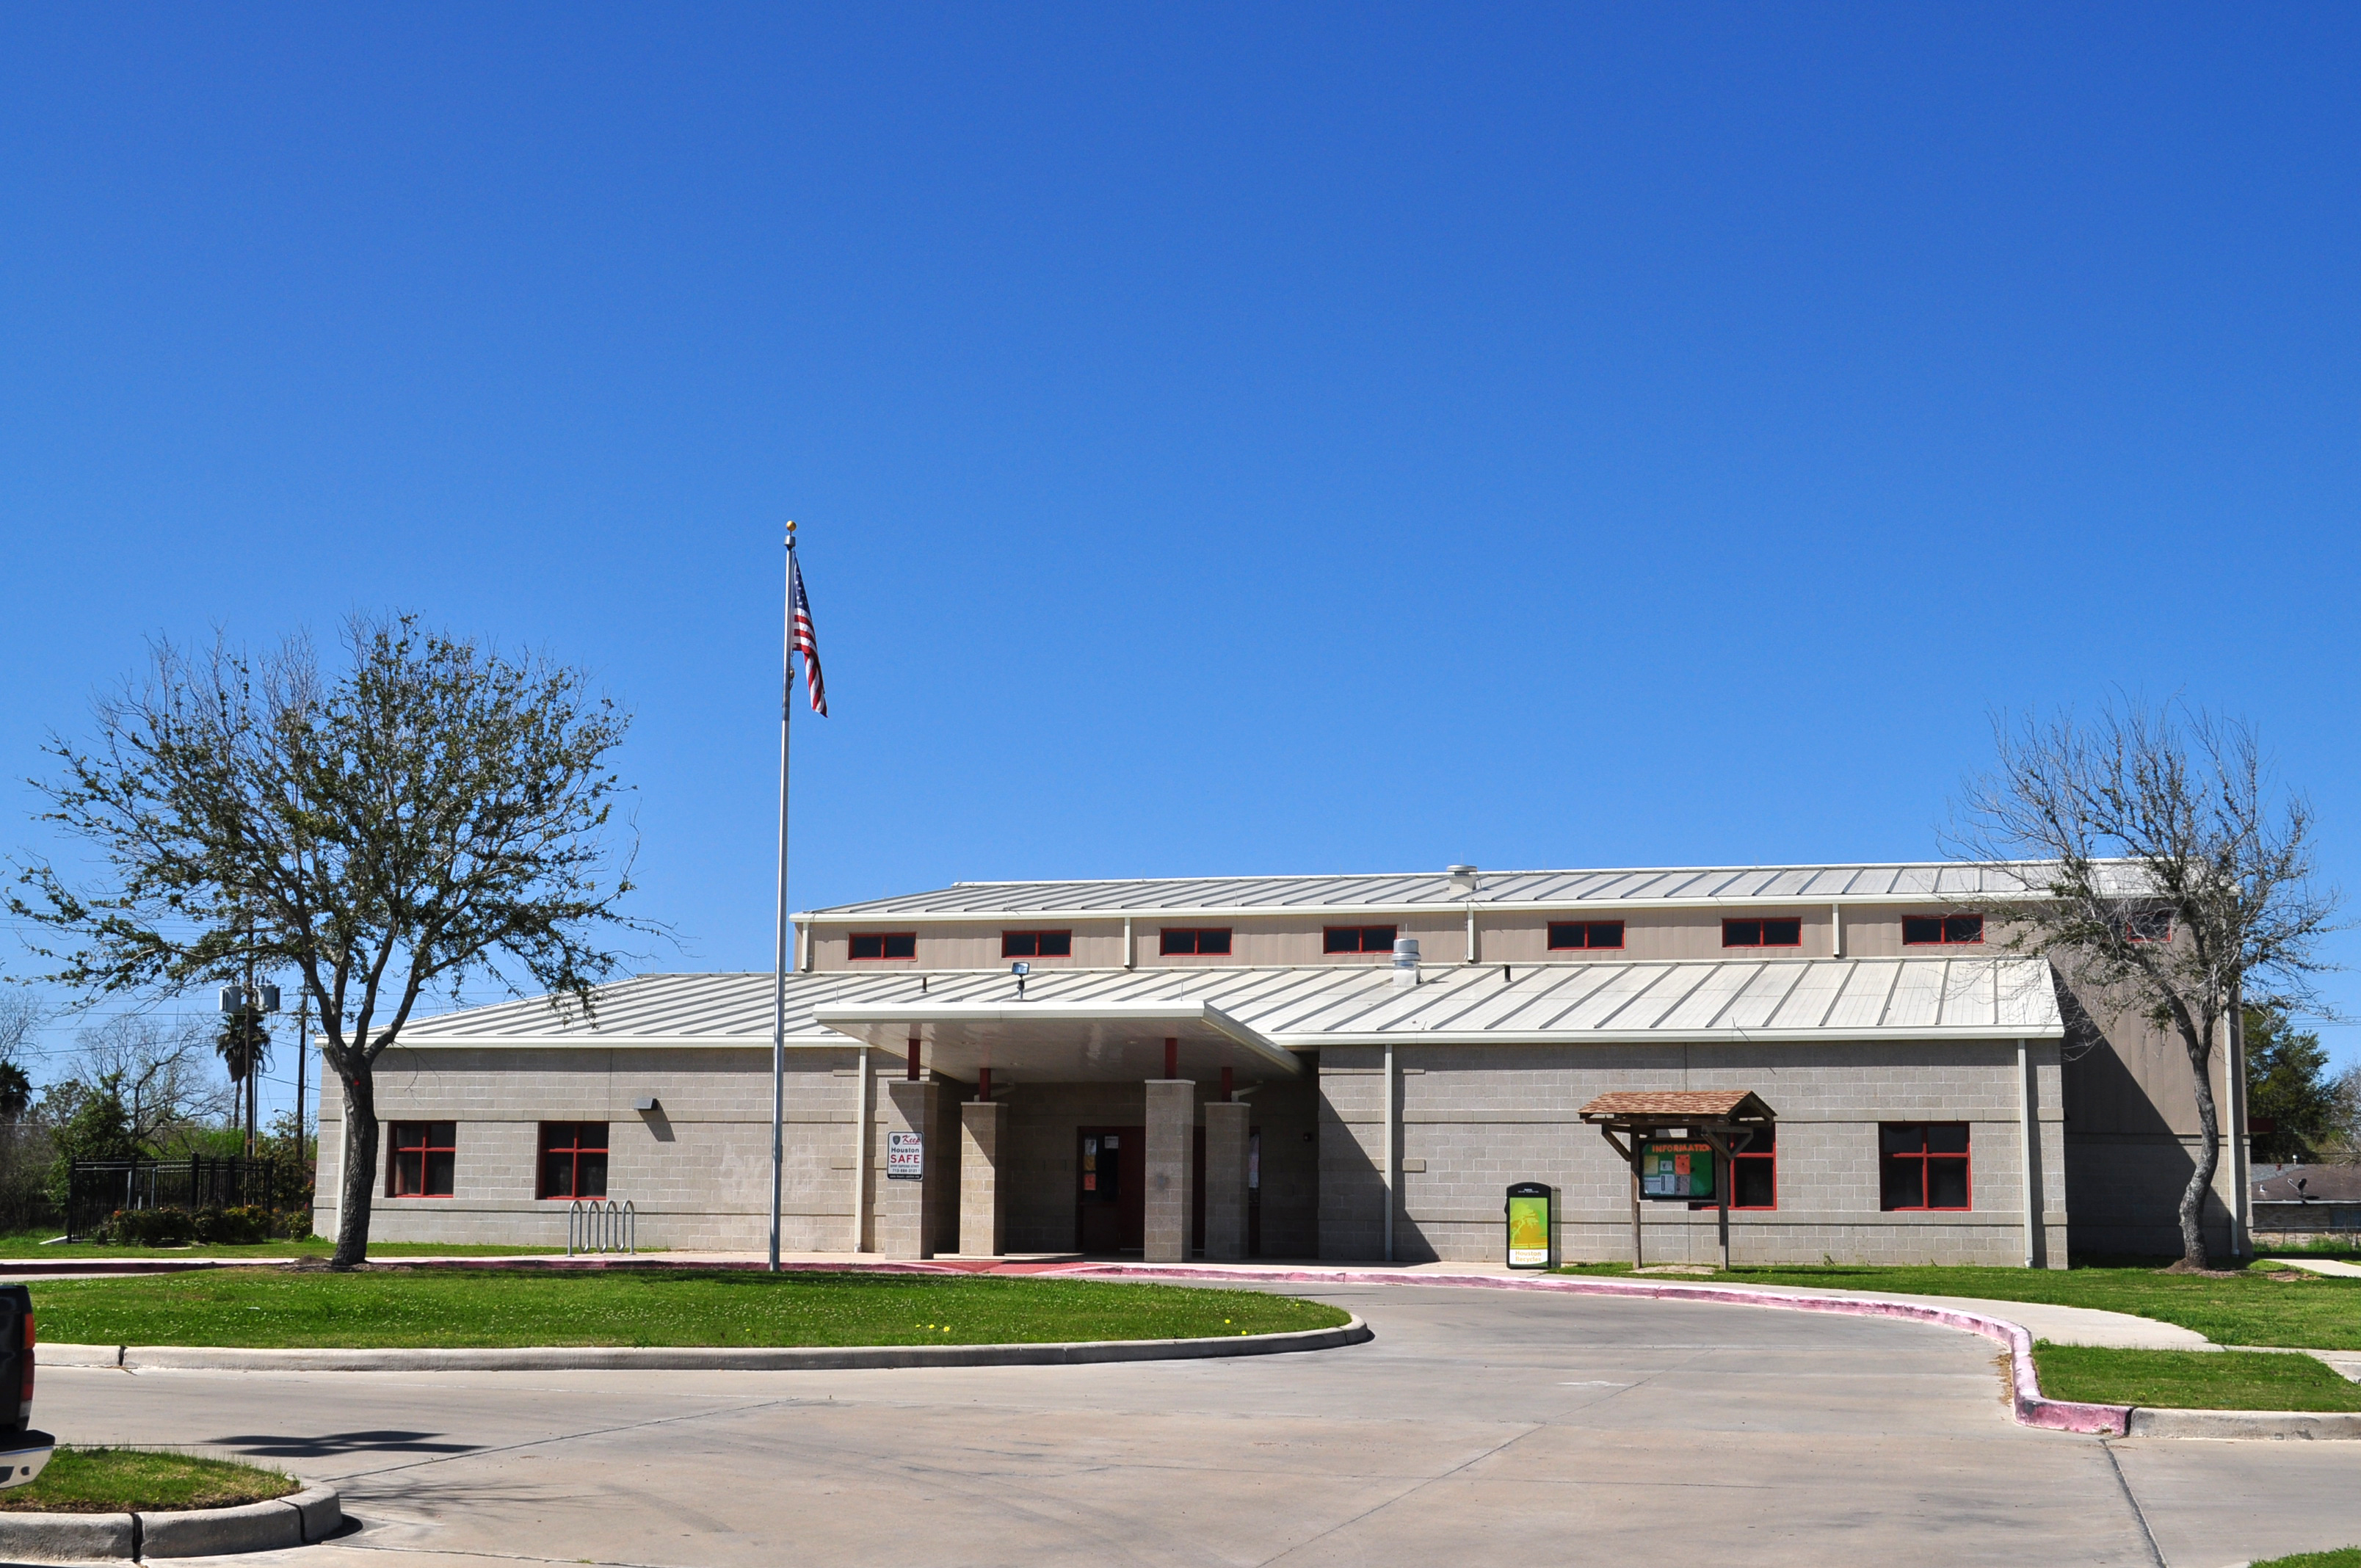 Townwood Community Center